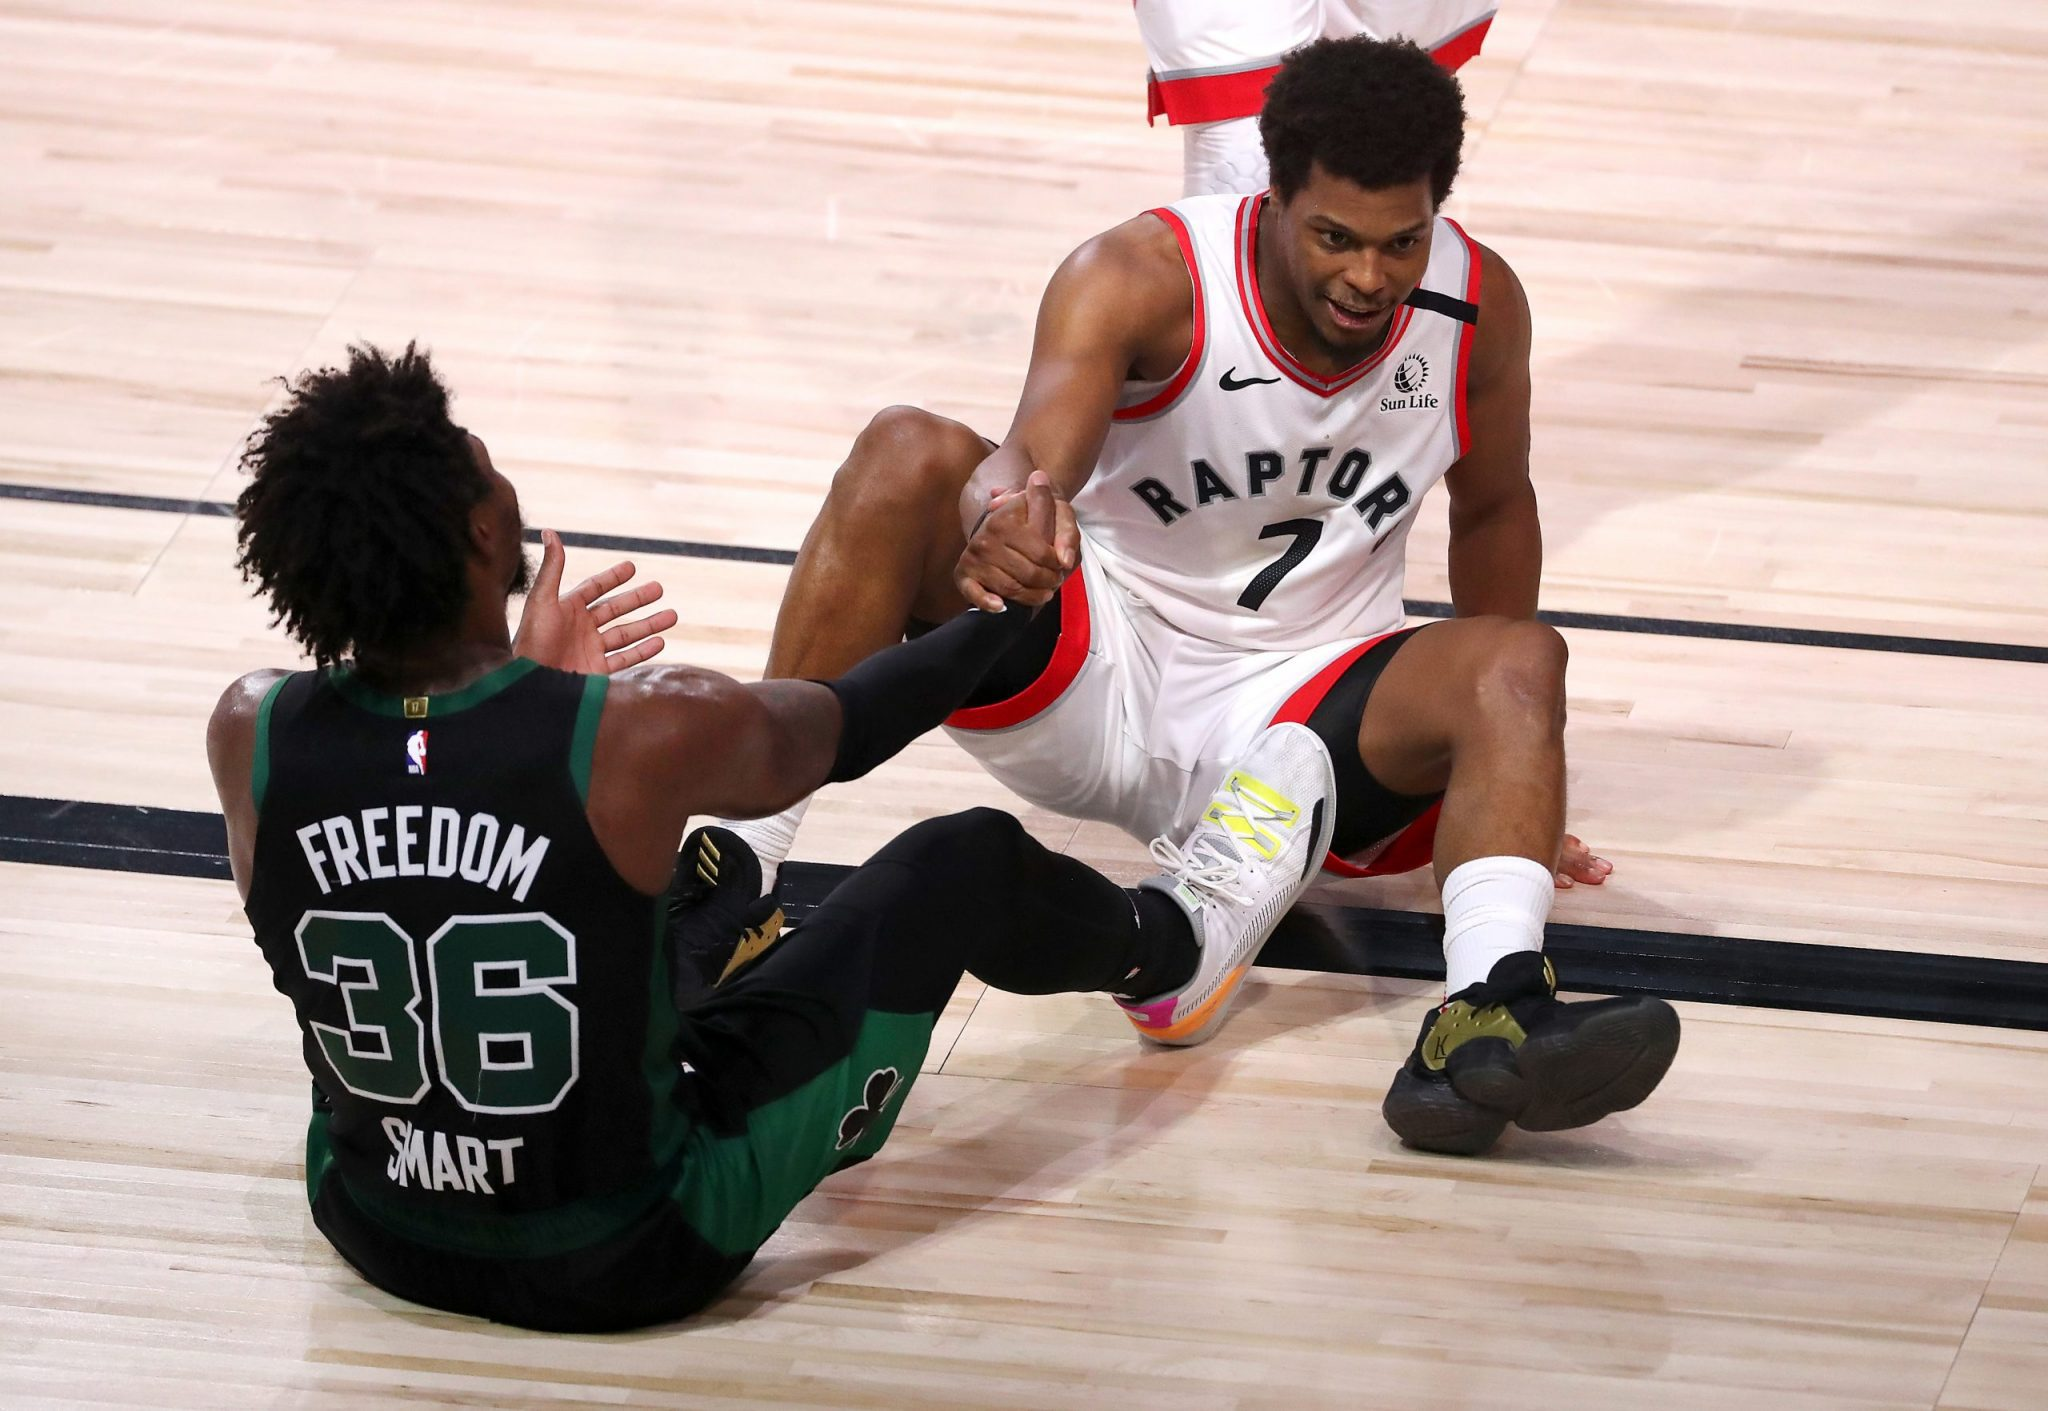 ¡Partidazo en el séptimo duelo! Los Celtics jugarán las Finales del Este (Vídeo)